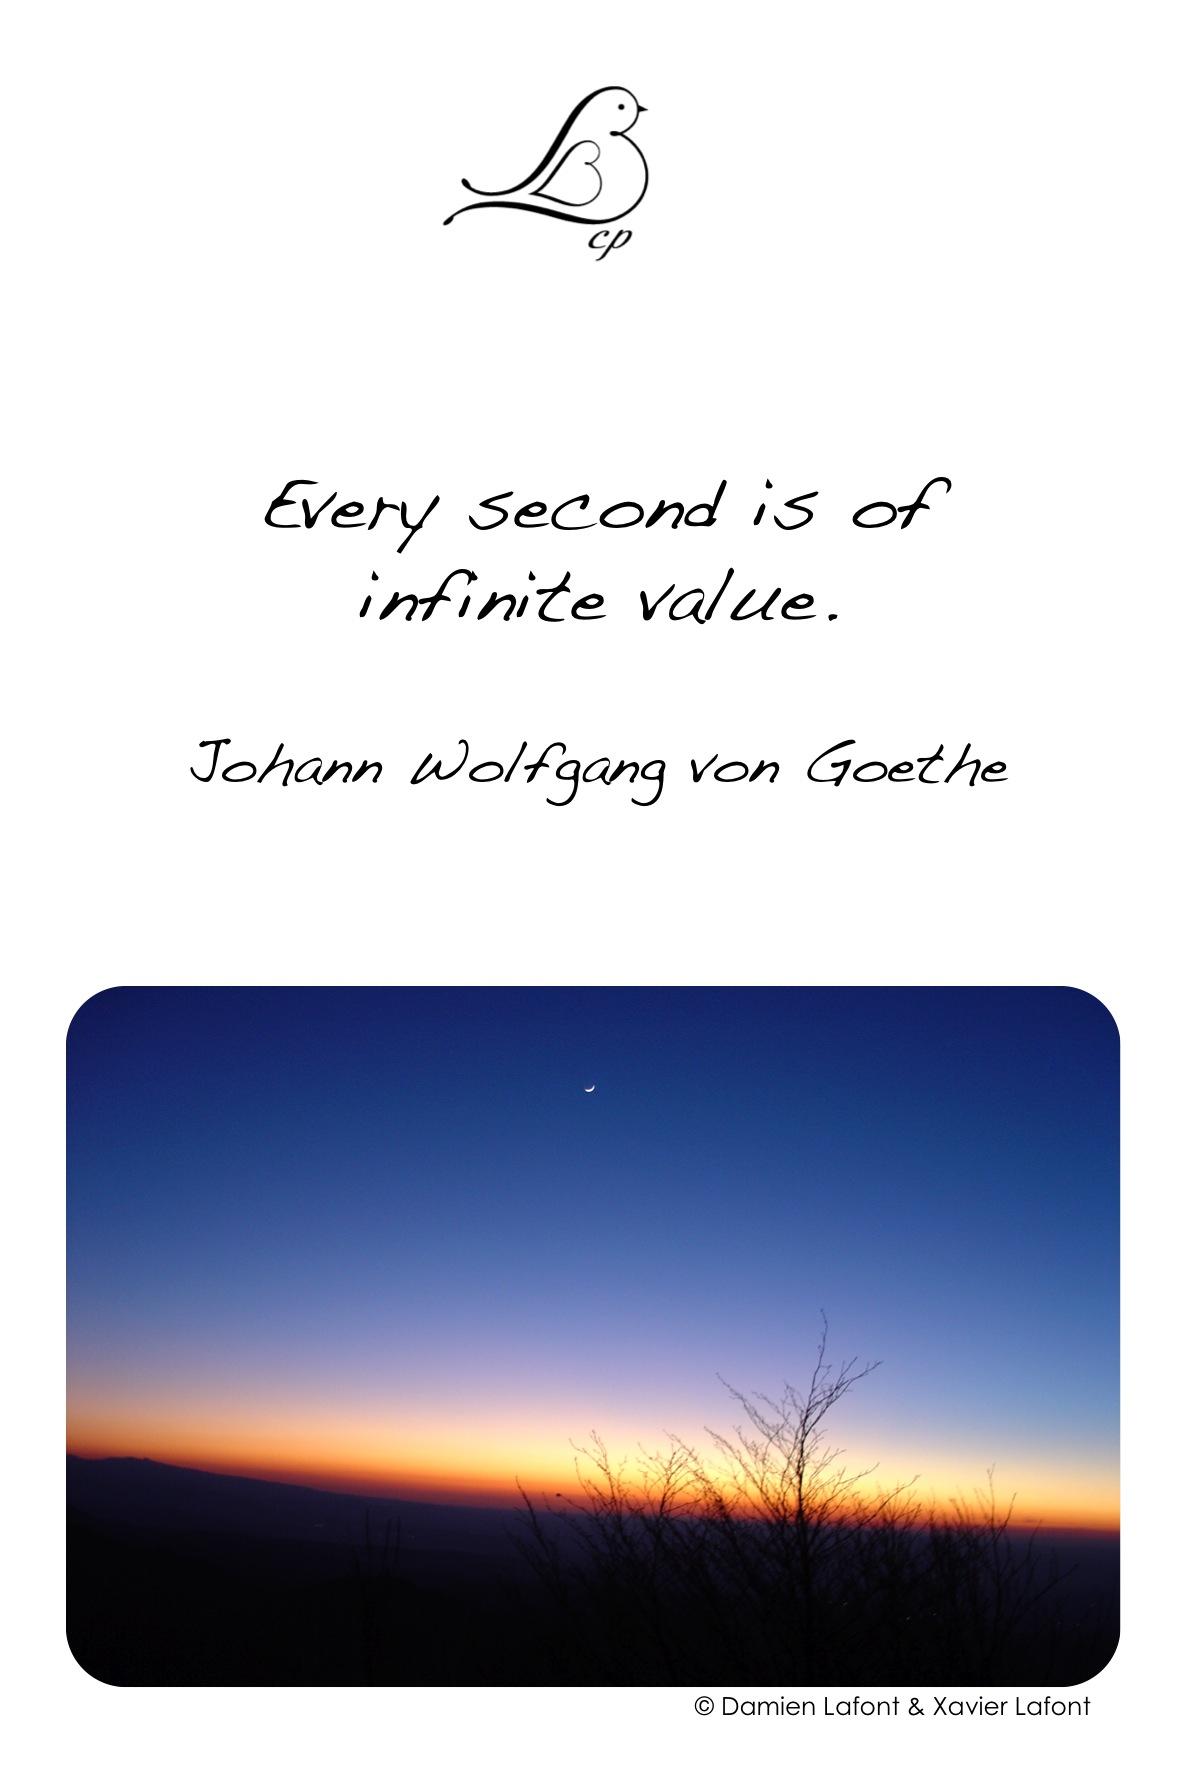 zen philosophy quotes quotesgram